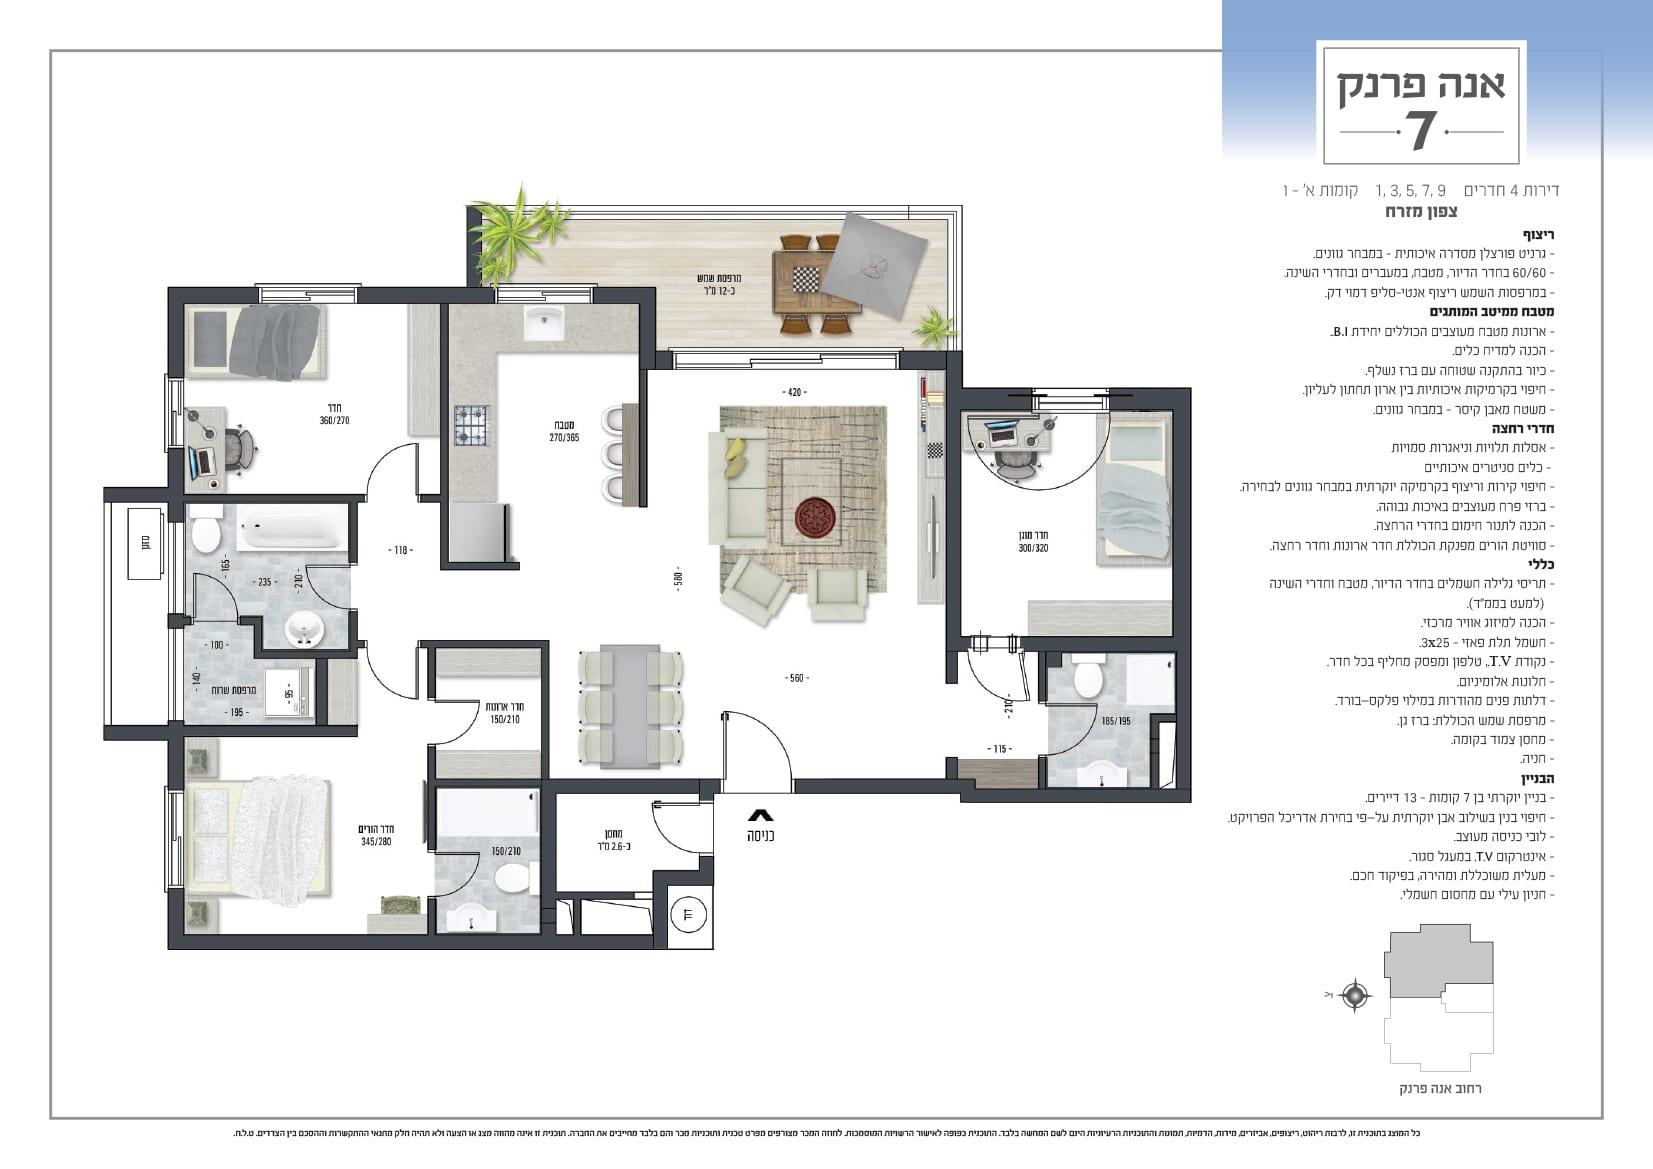 דירת 4 חדרים, קומות 1-5 - מספר 1,3,5,7,9